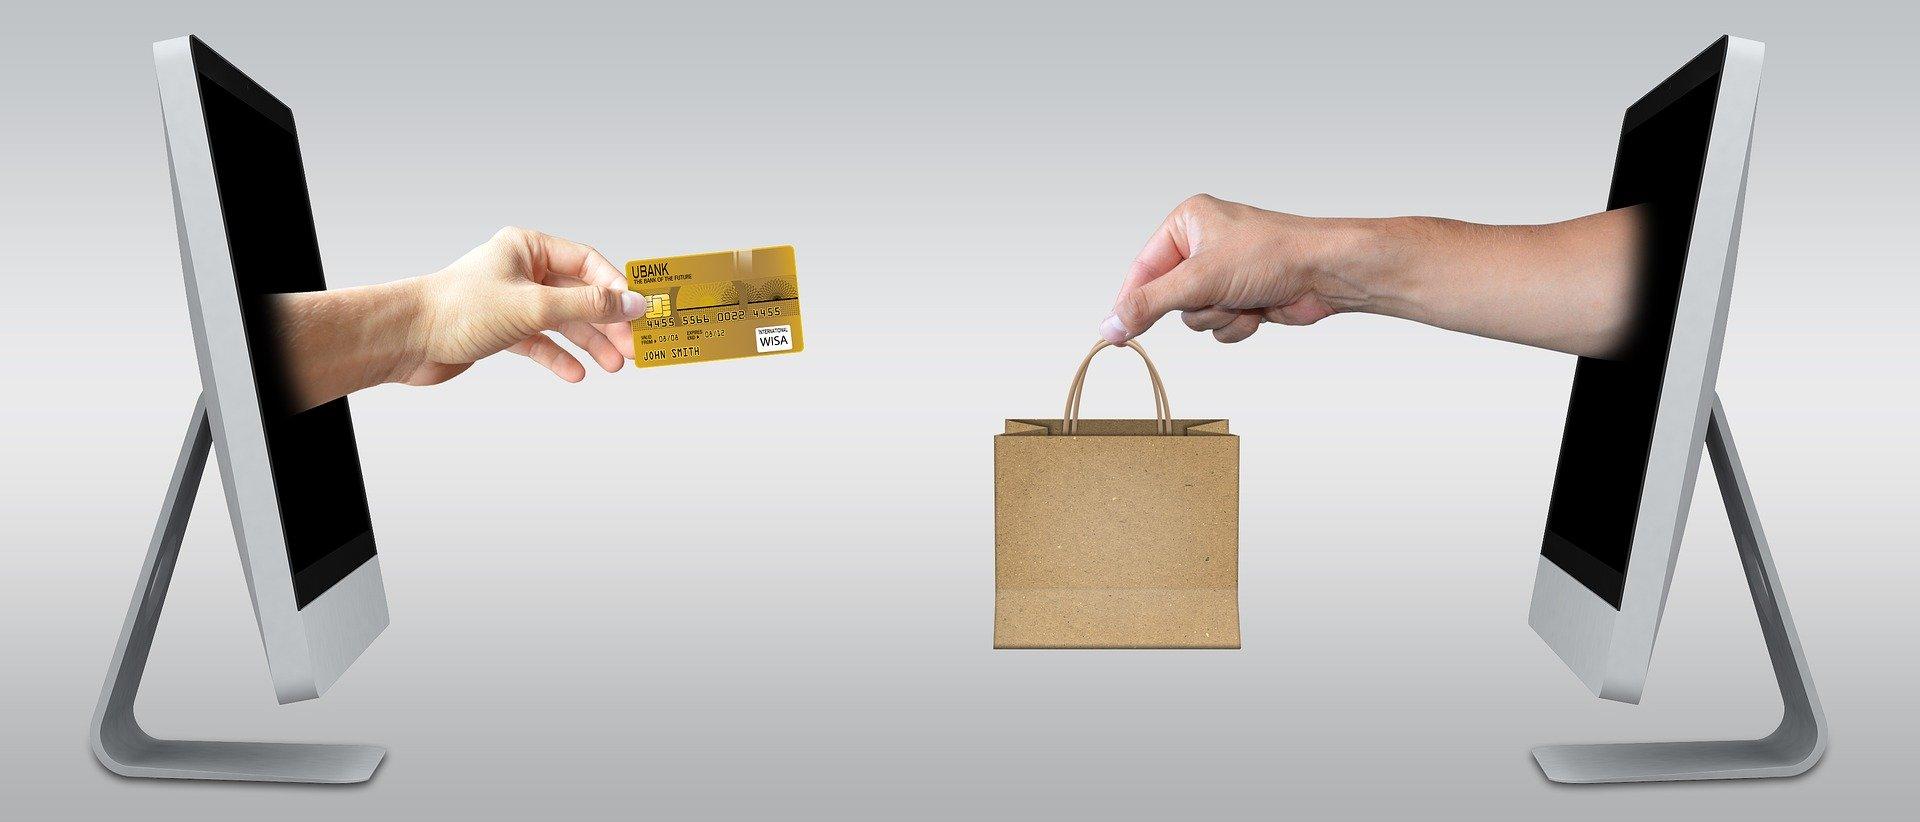 As 5 principais dicas para comprar online de maneira segura